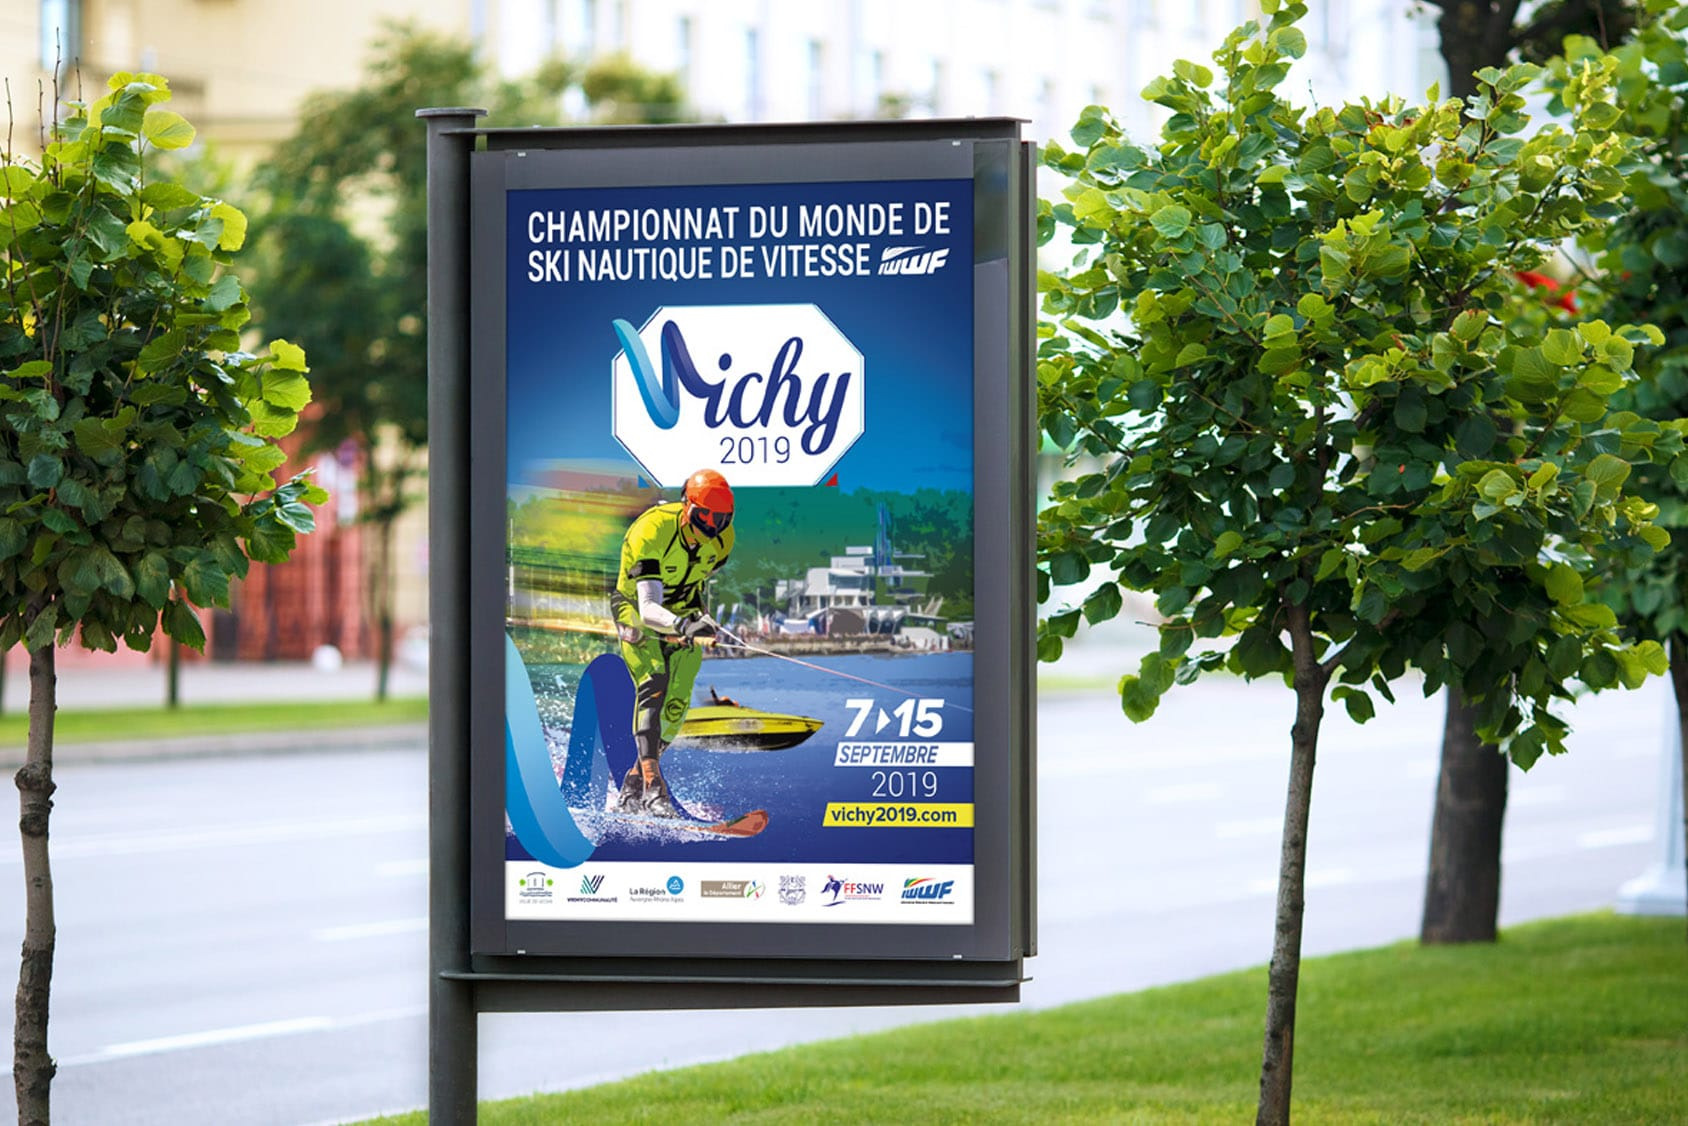 Affiche Championnat du Monde de Ski Nautique de Vitesse de Vichy